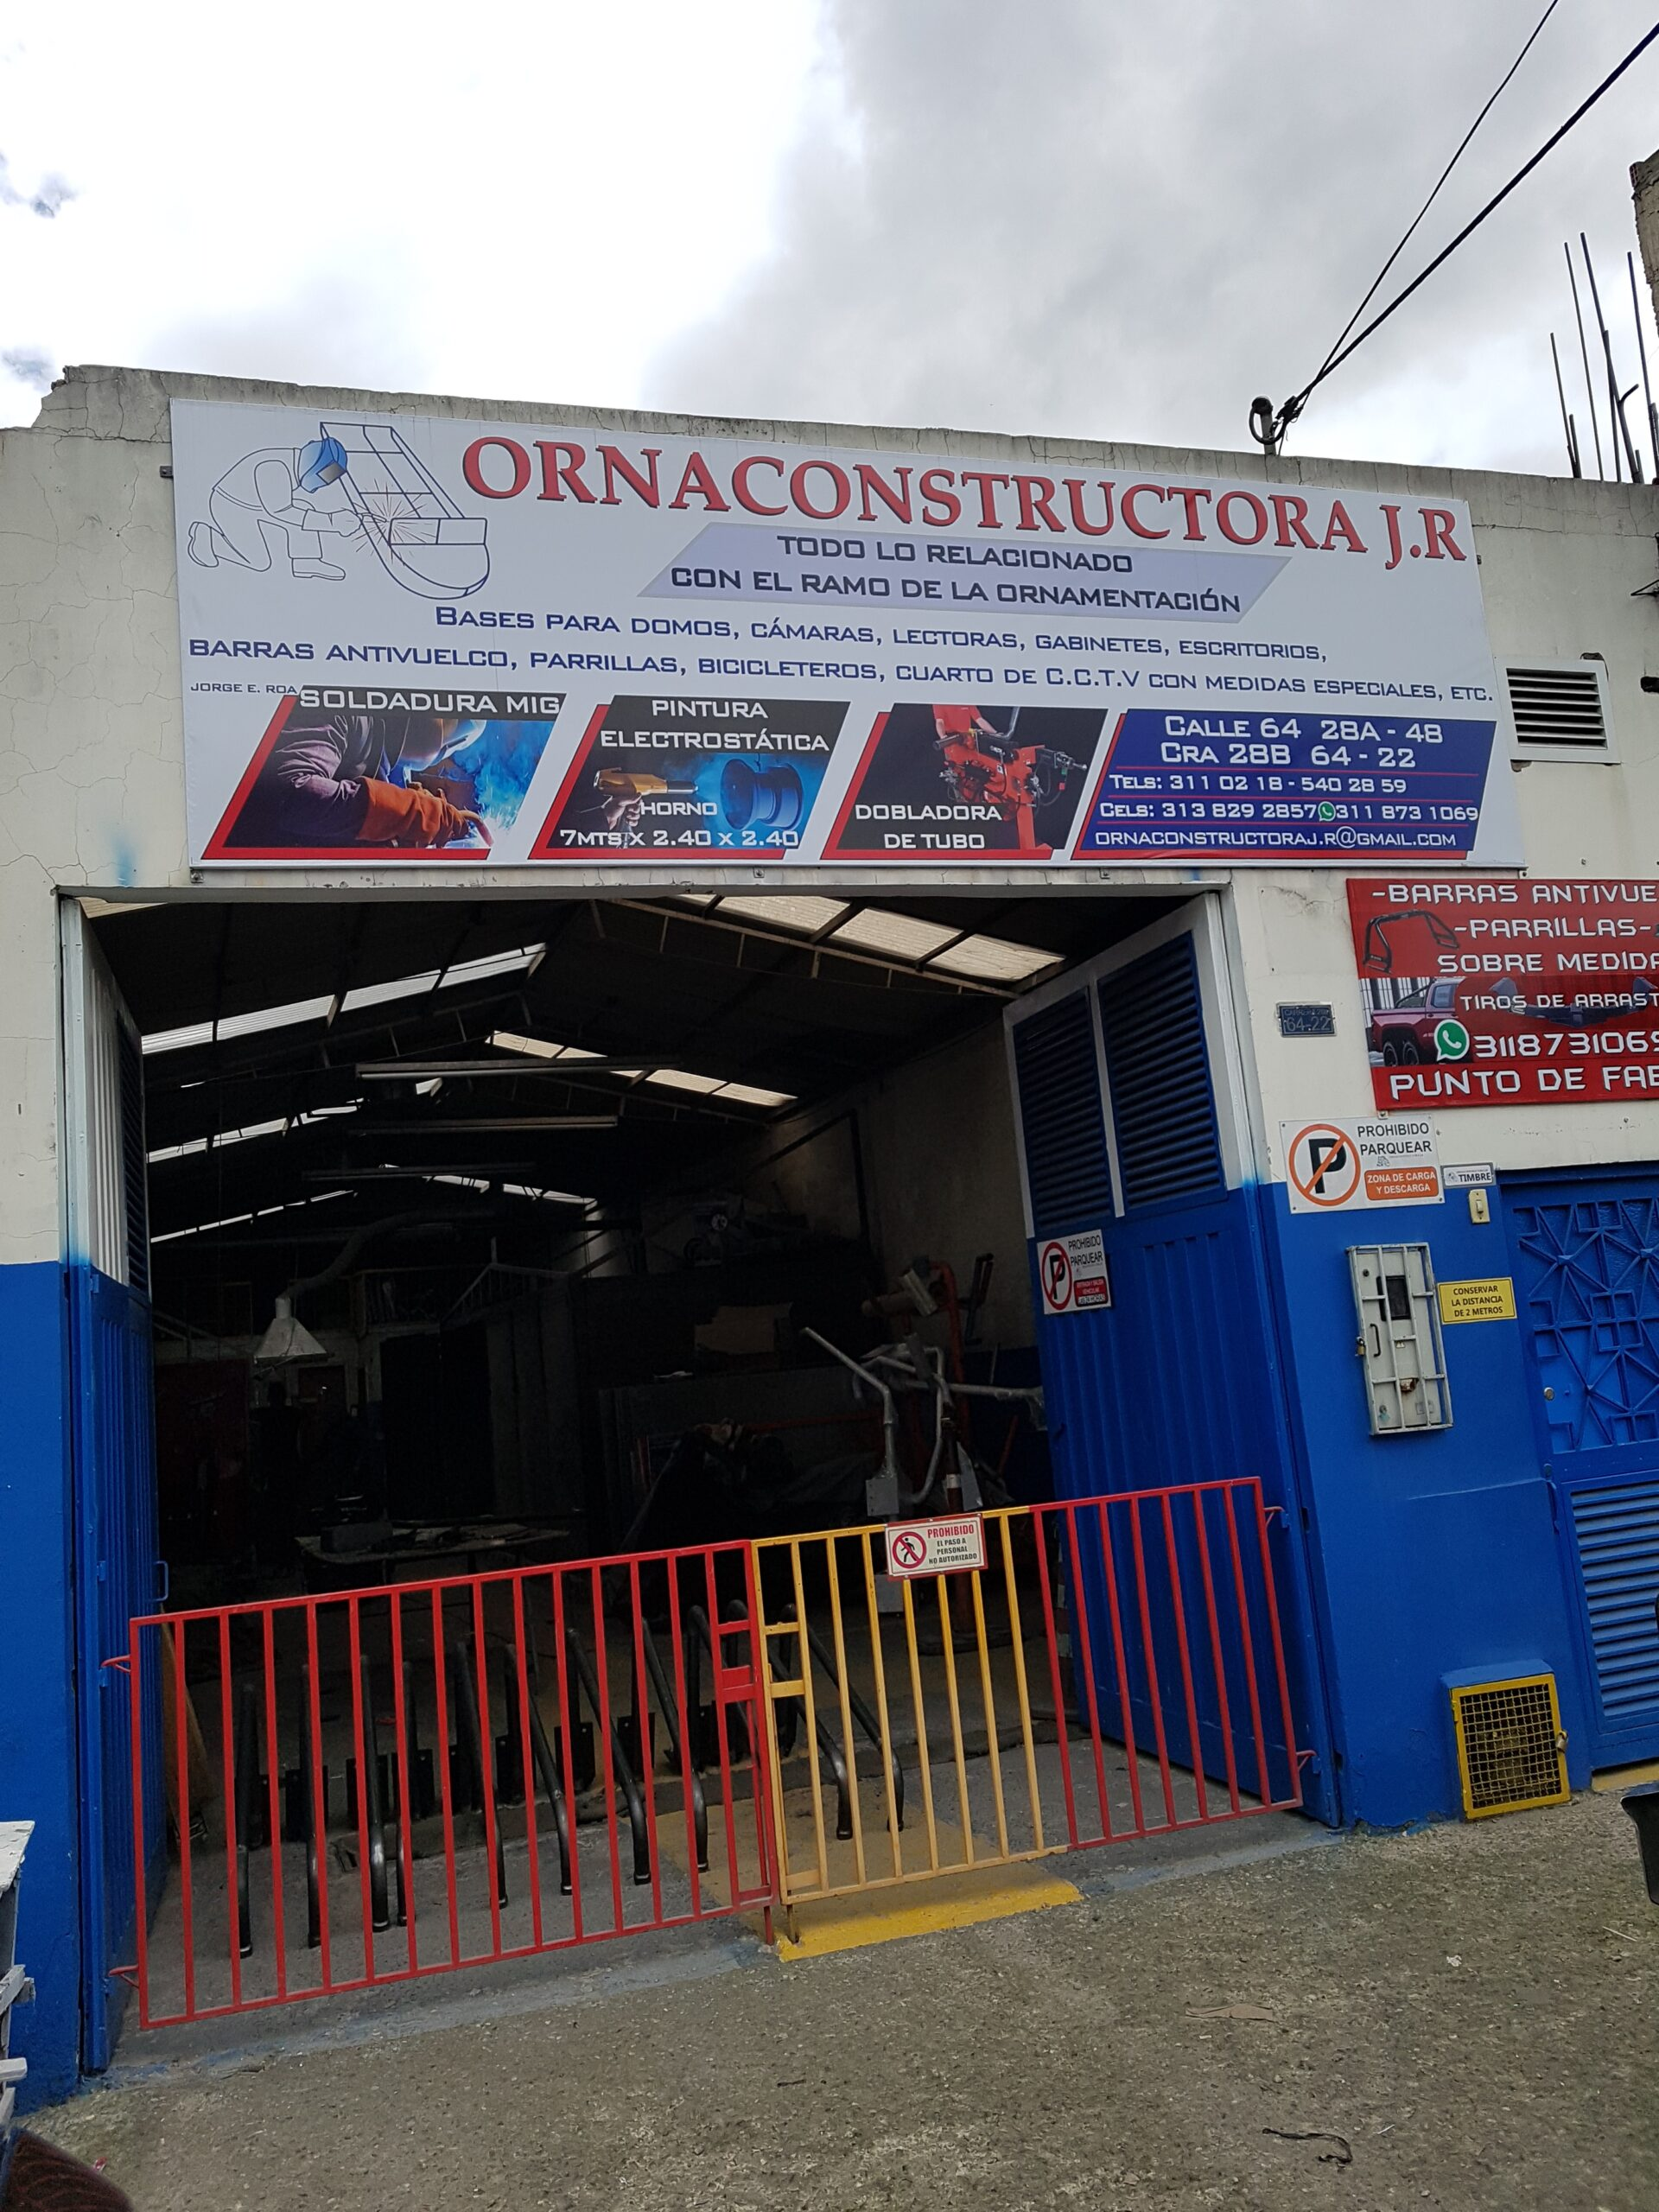 ornaconstructorajr